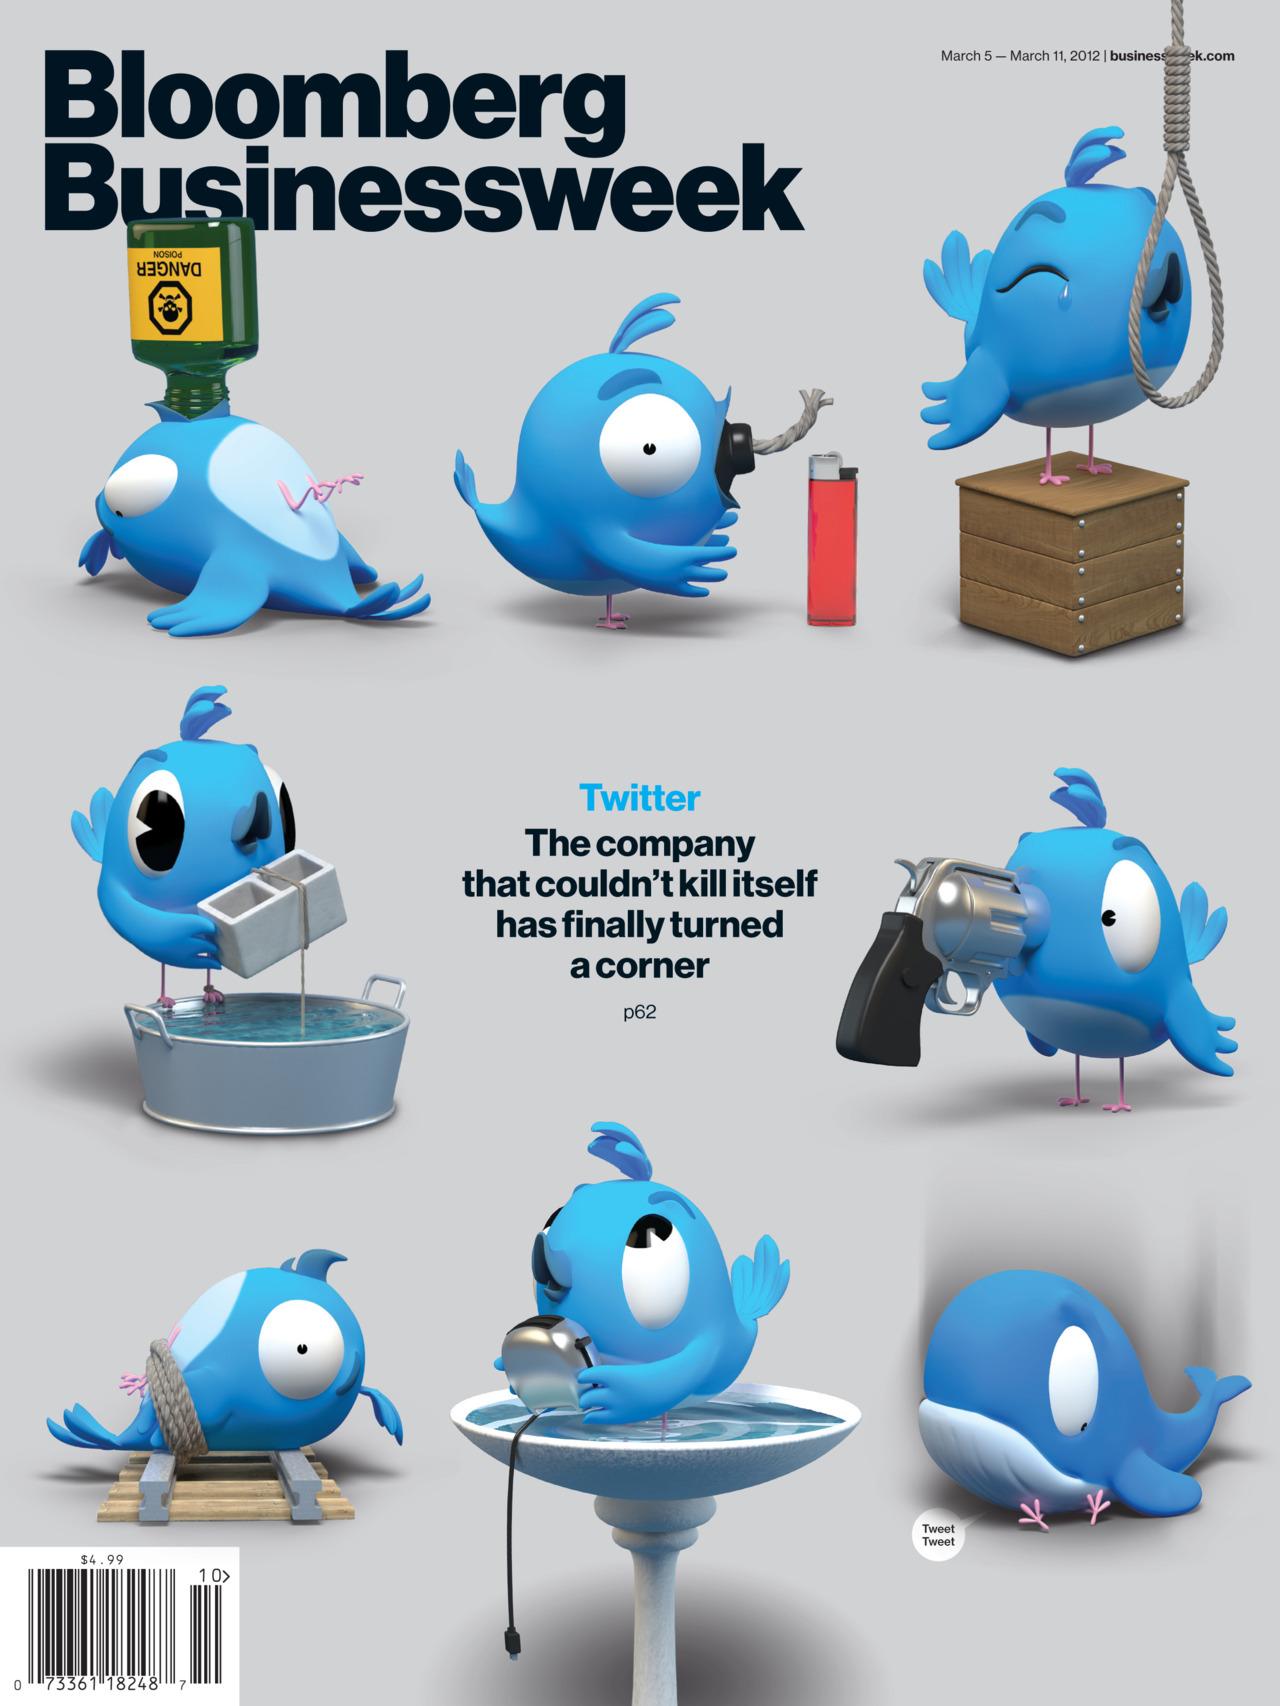 Twitter-Bird-Bloomberg-Businessweek-tumblr.jpg